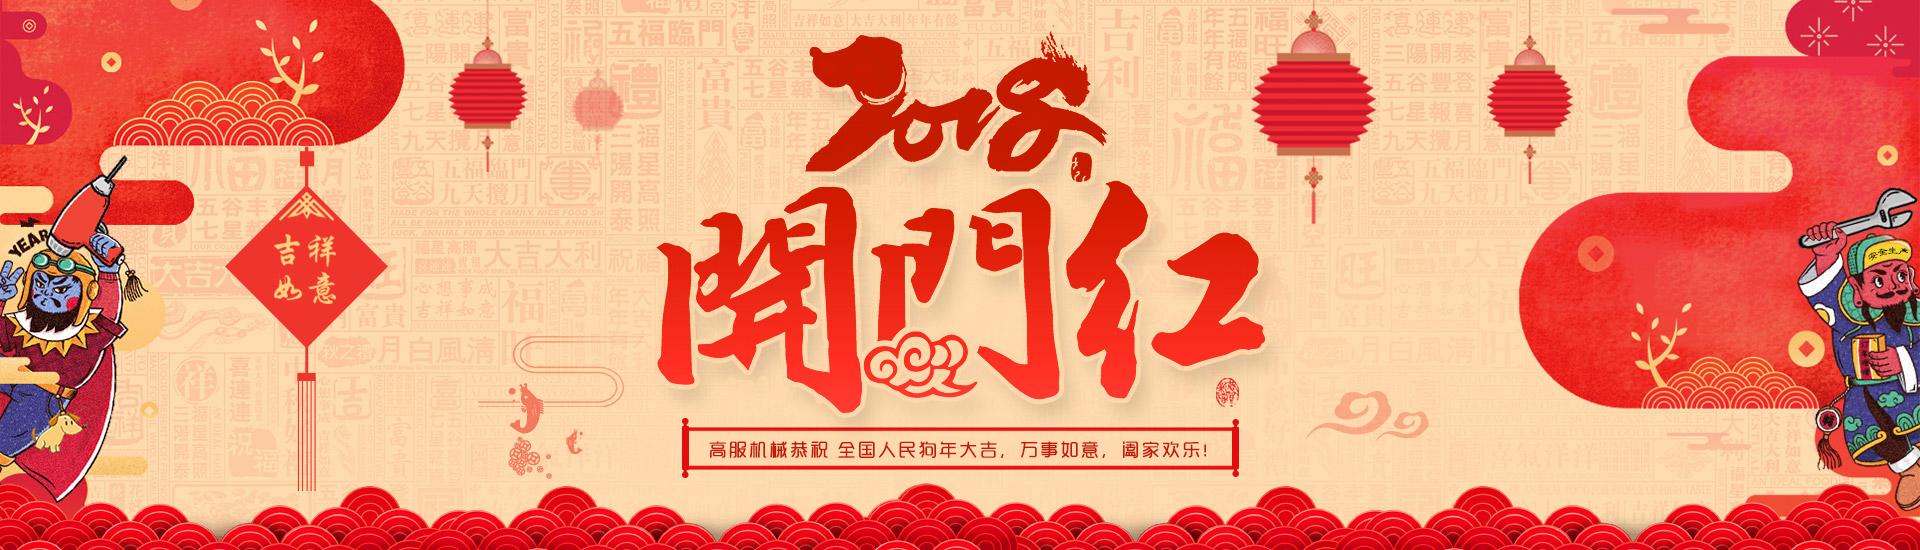 高服春节祝福